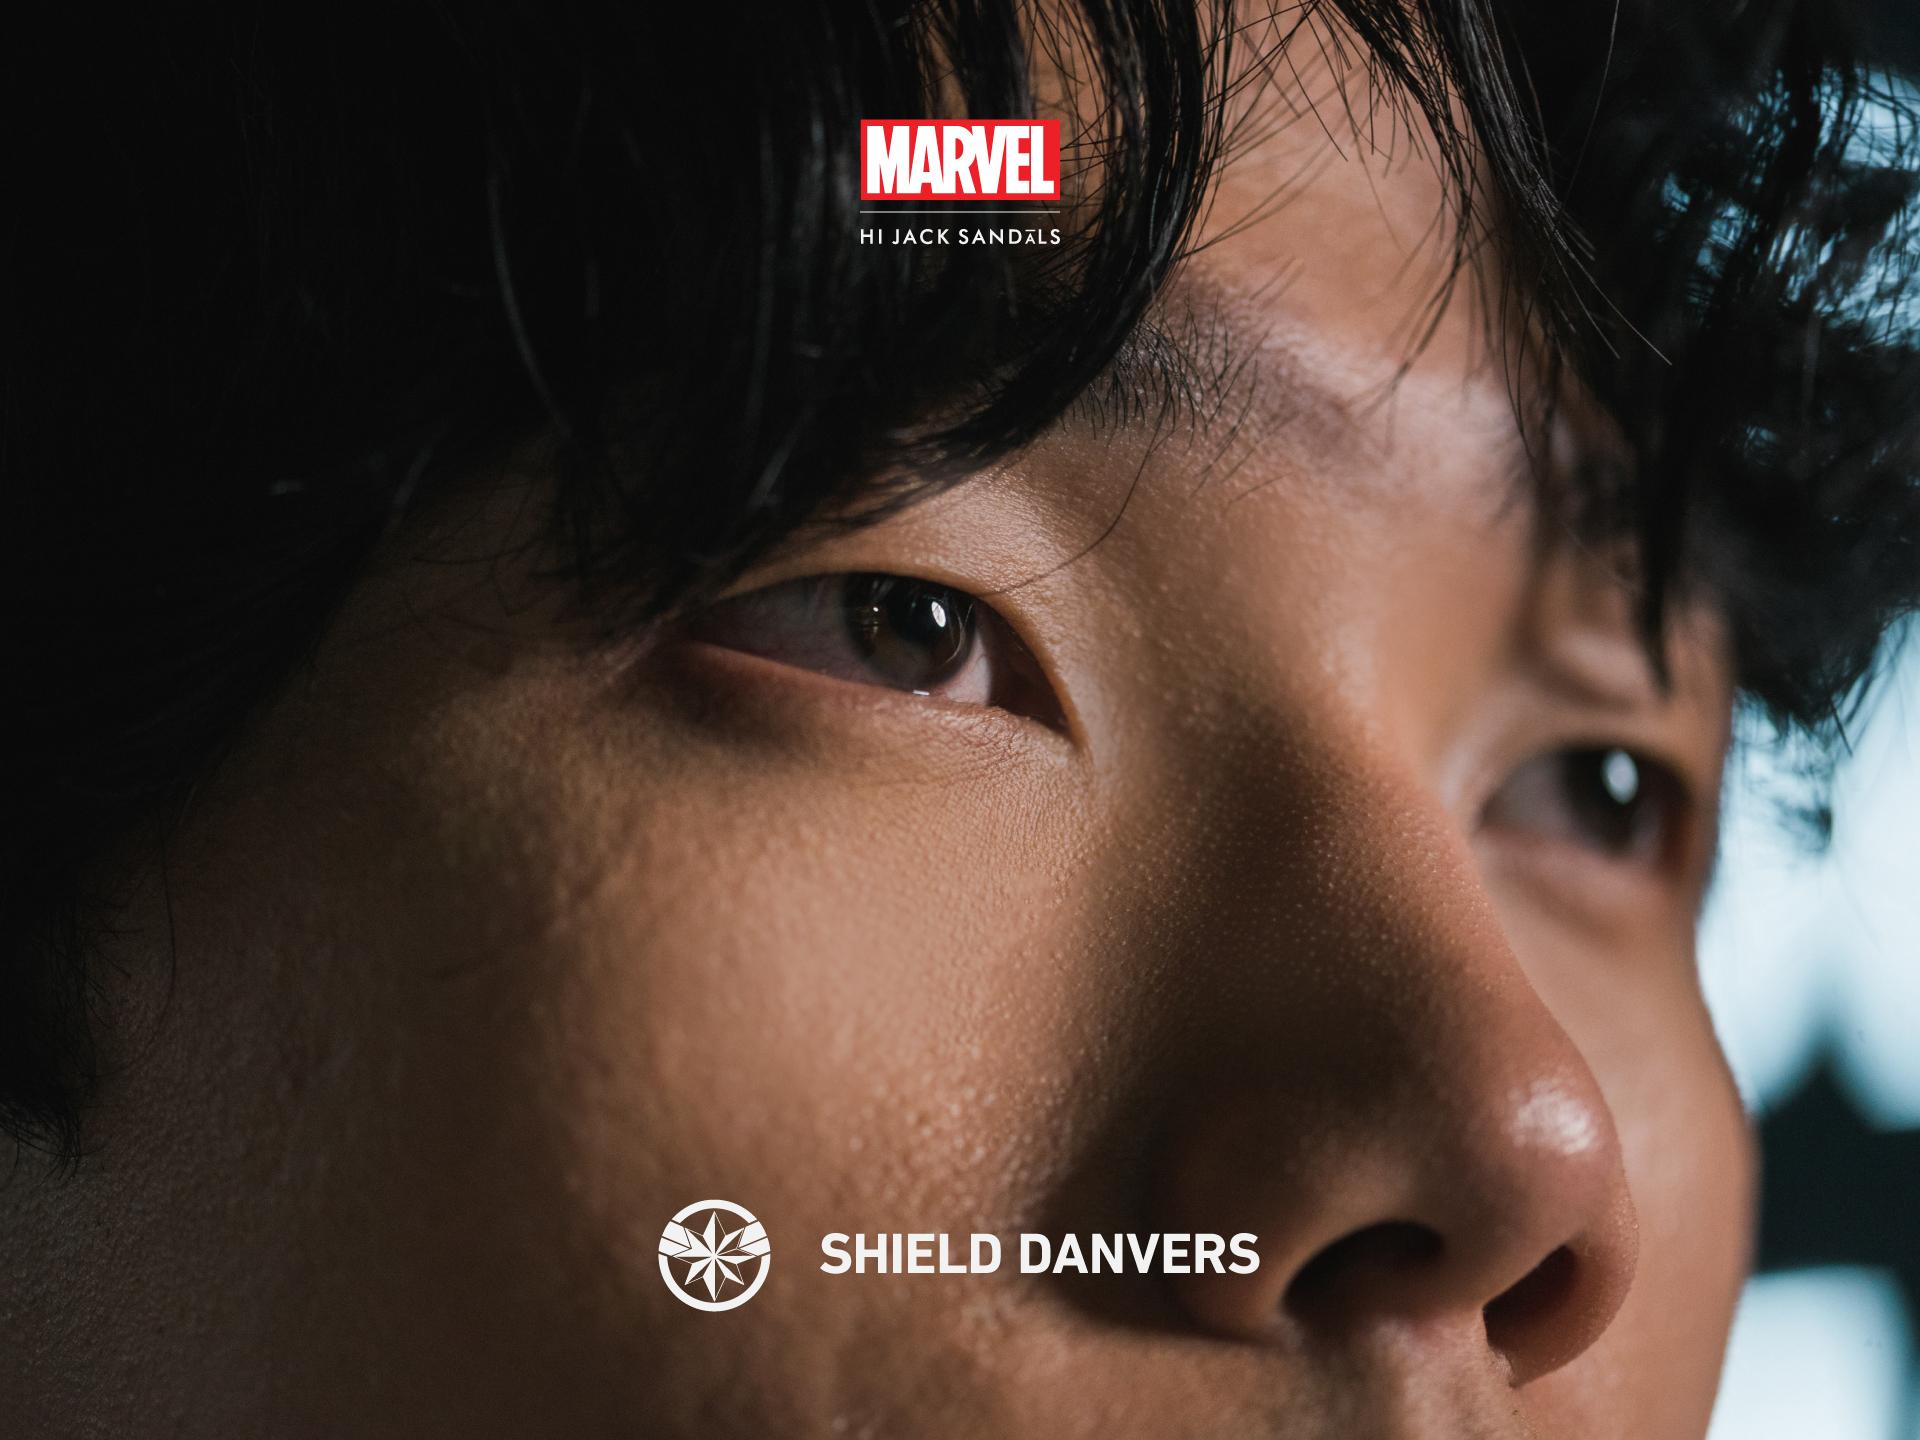 SHIELD DANVERS